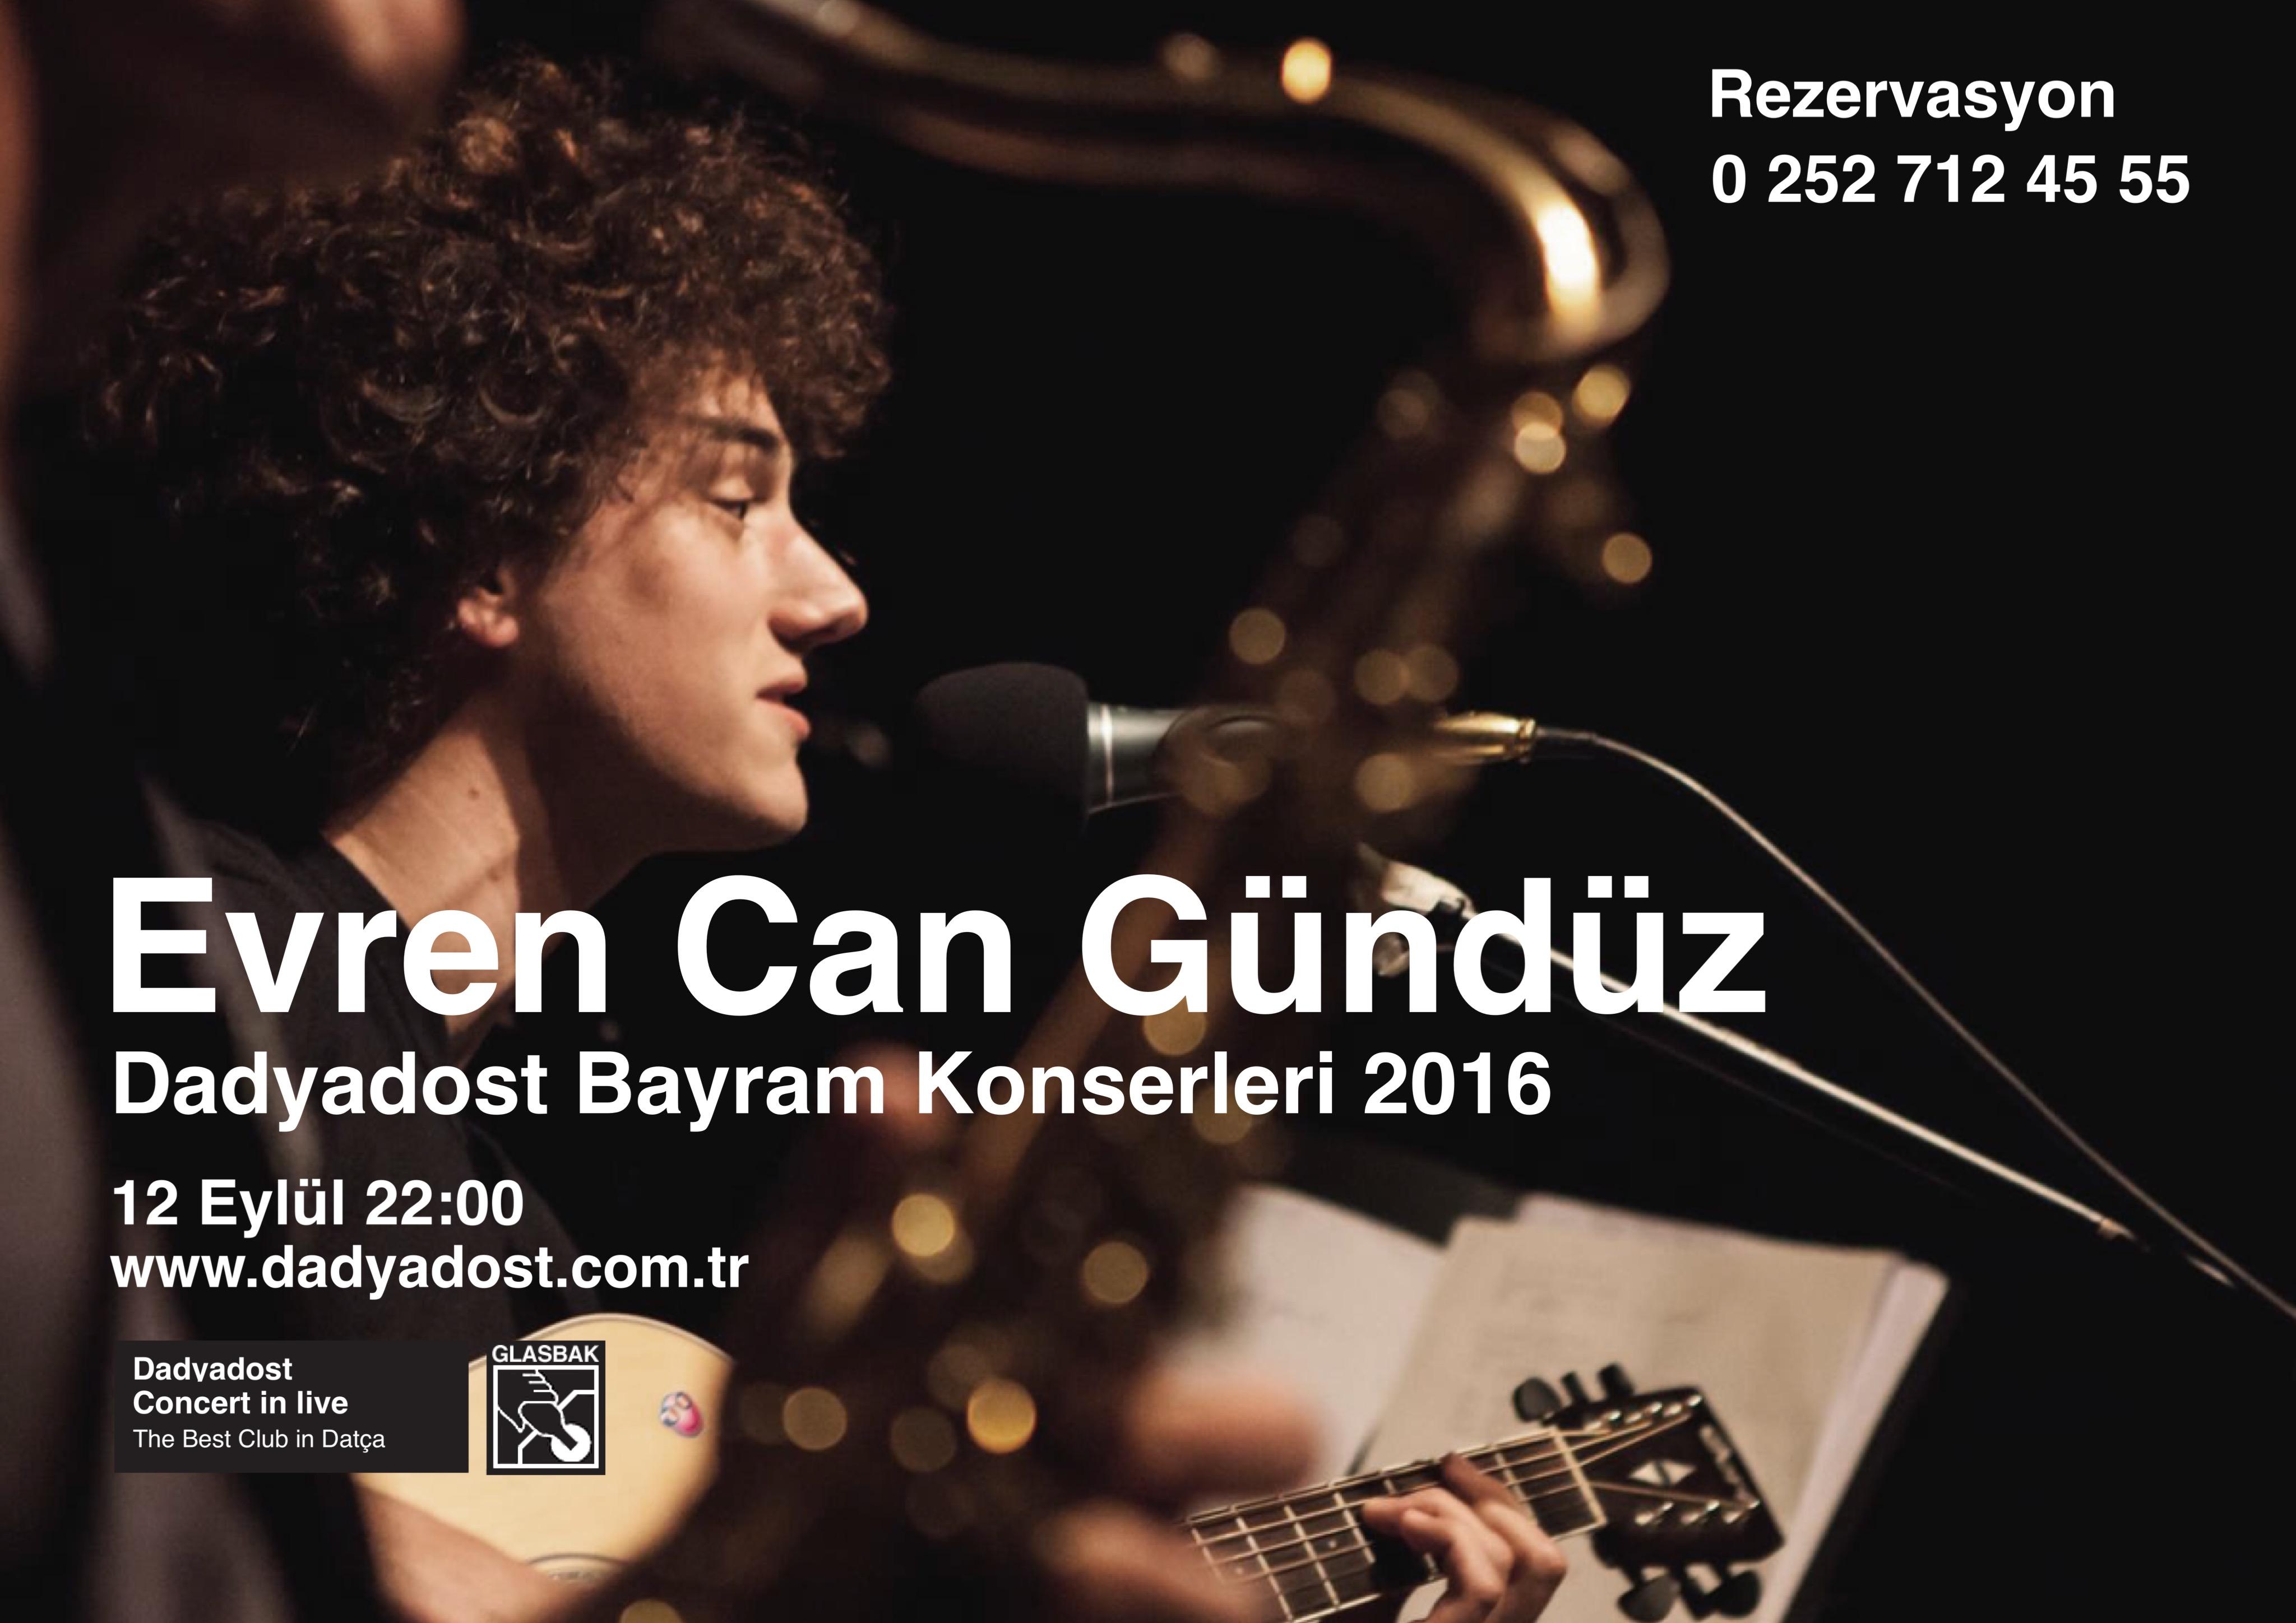 Evren_Can_Gunduz_Dadyadost